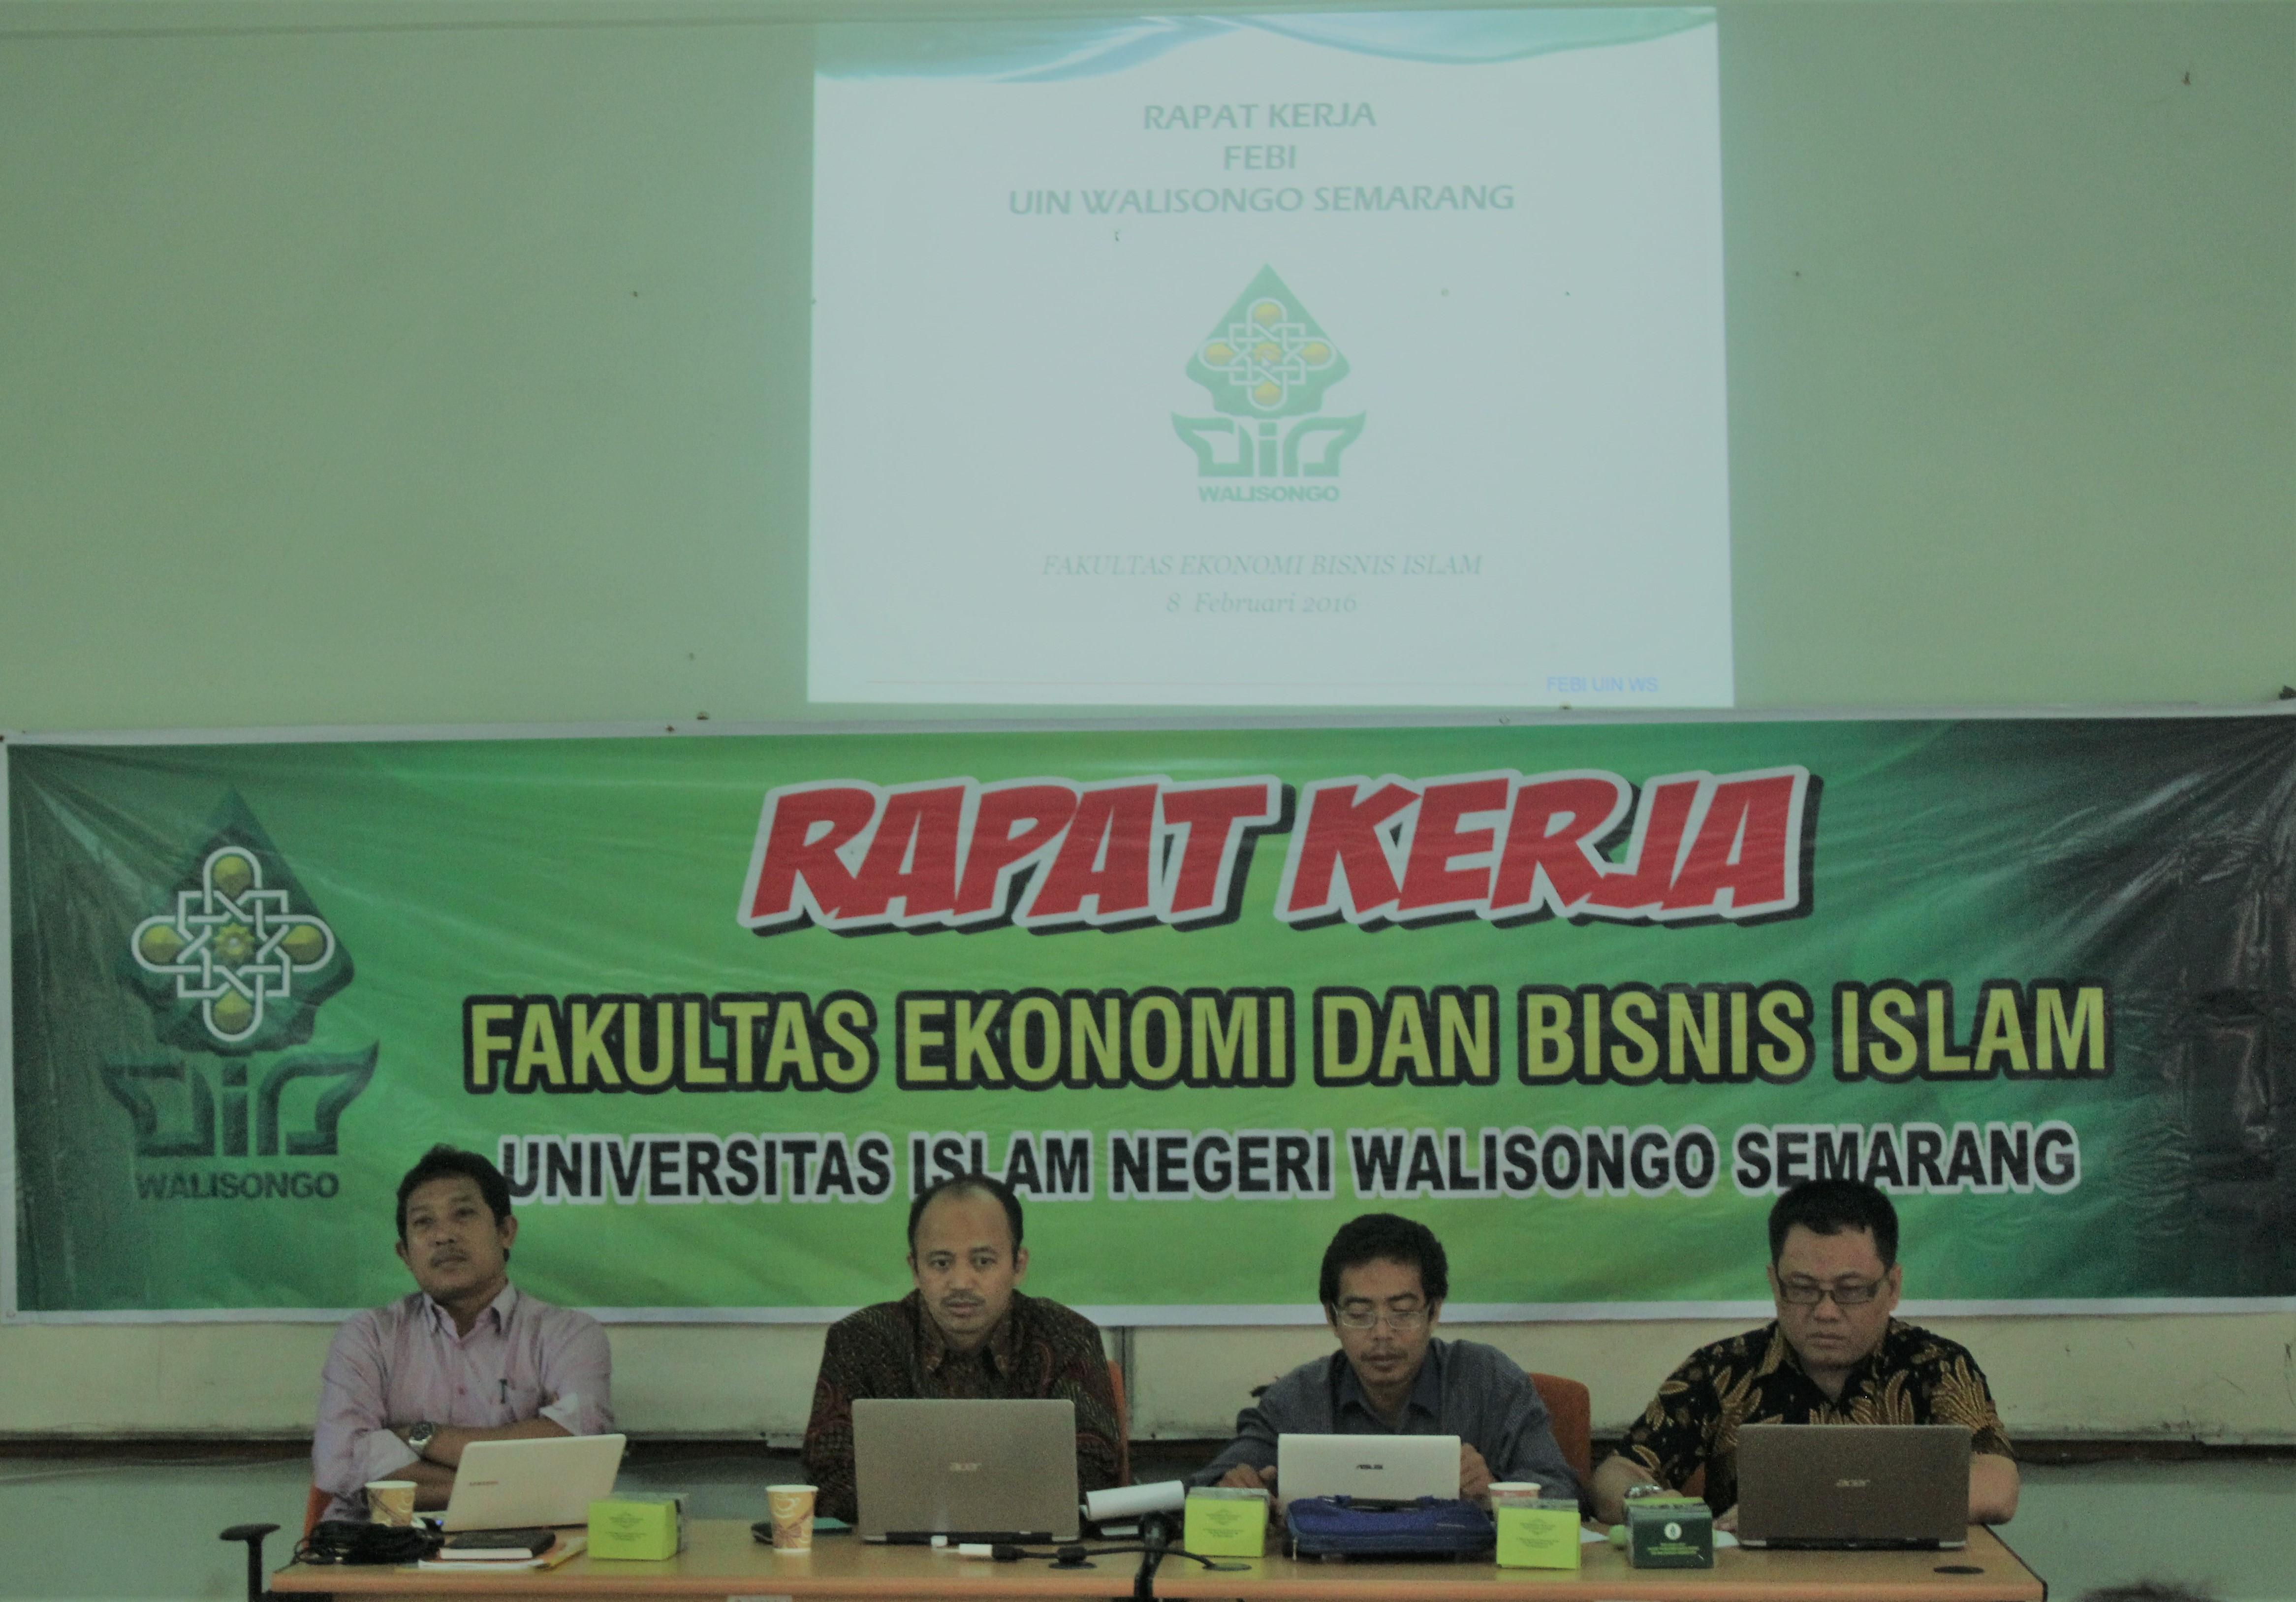 Rapat Kerja  Fakultas Ekonomi Dan Bisnis Islam UIN Walisongo Tahun 2018